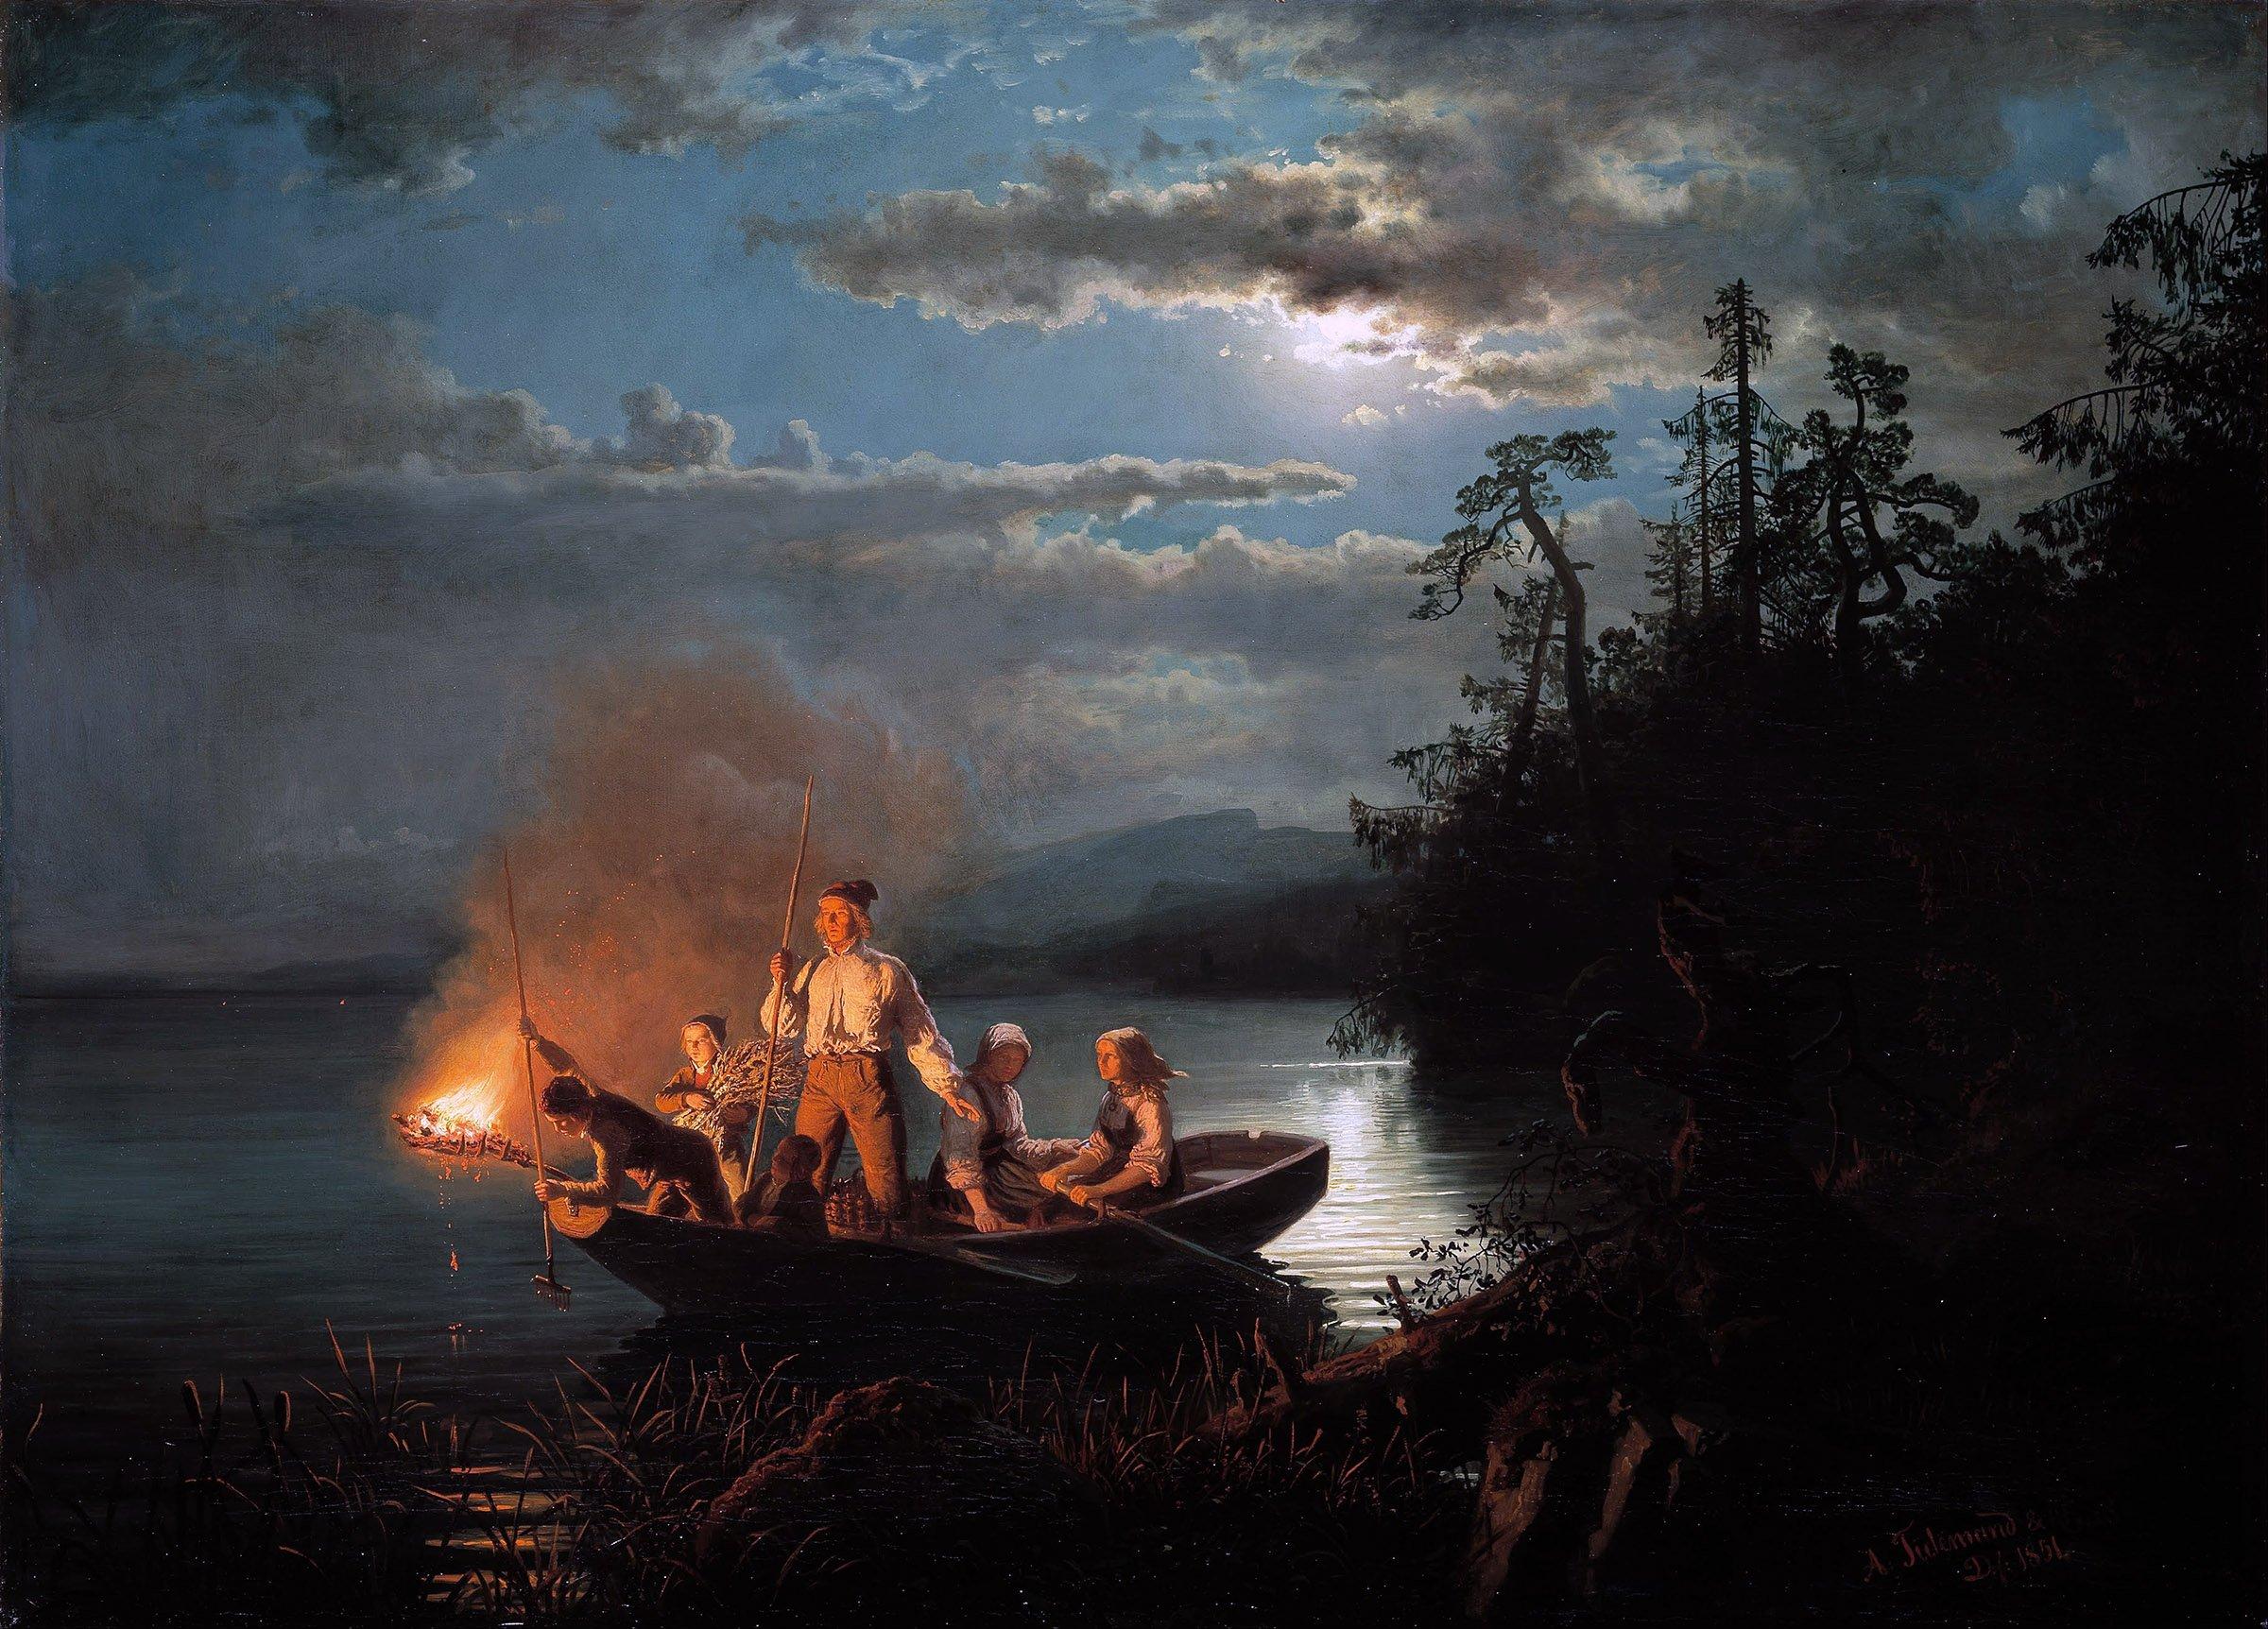 Lystring on Lake Krøderen. | Painters: Adolph Tidemand and Hans Gude - Nasjonalgalleriet Wikimedia.org cc pdm.